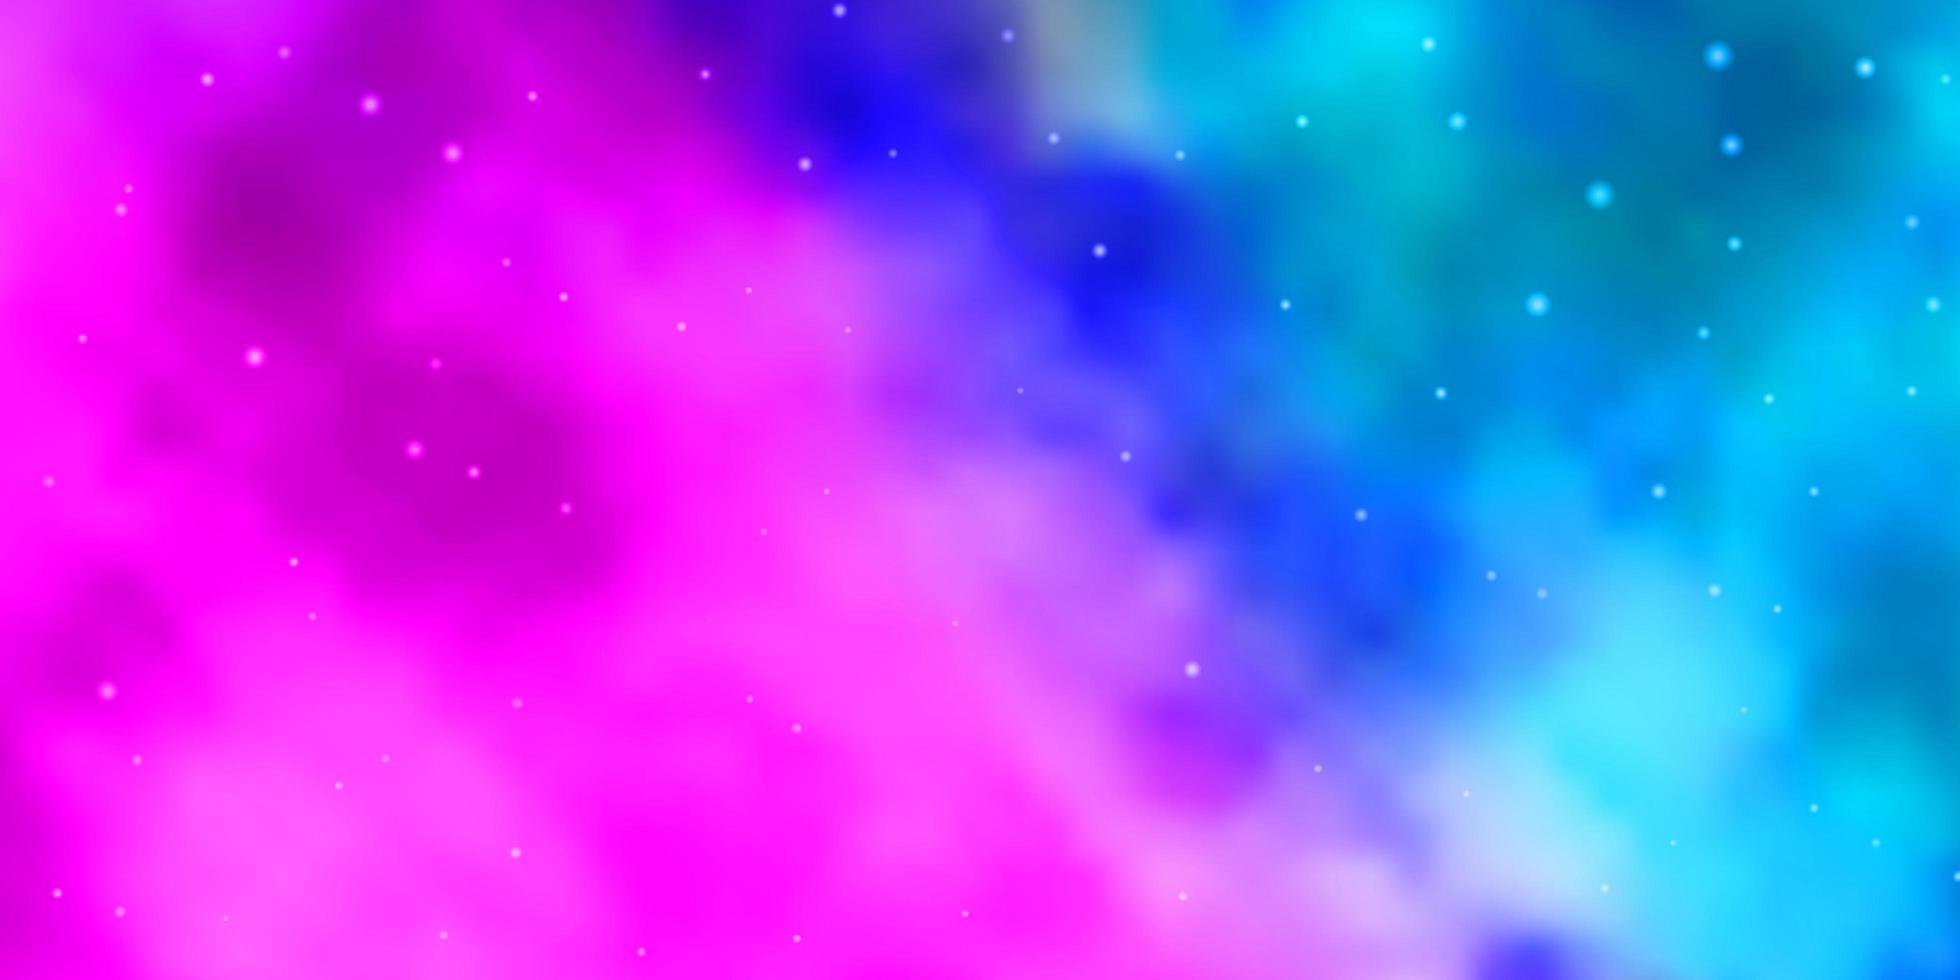 hellrosa, blaues Vektormuster mit abstrakten Sternen. vektor